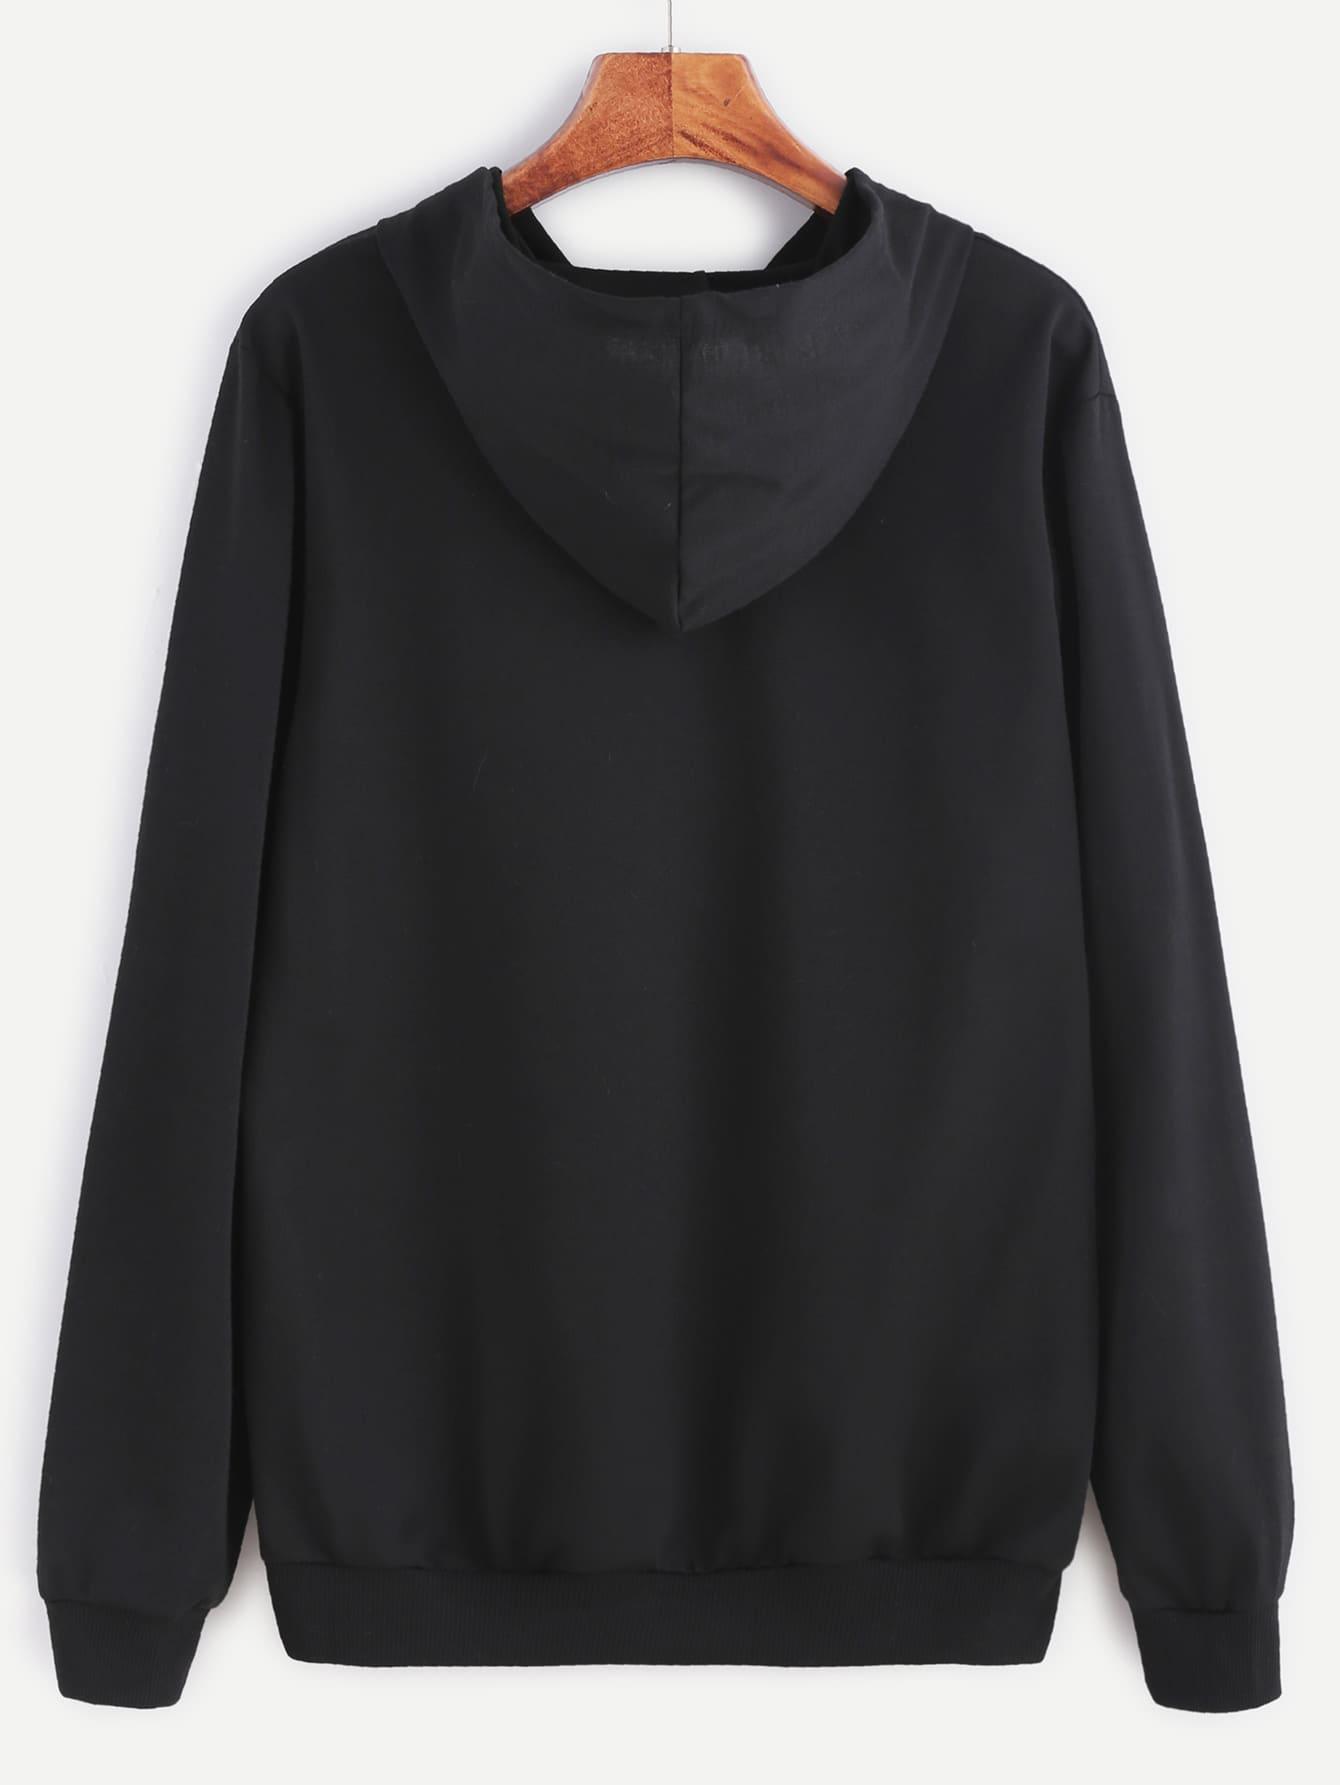 sweatshirt161104104_2